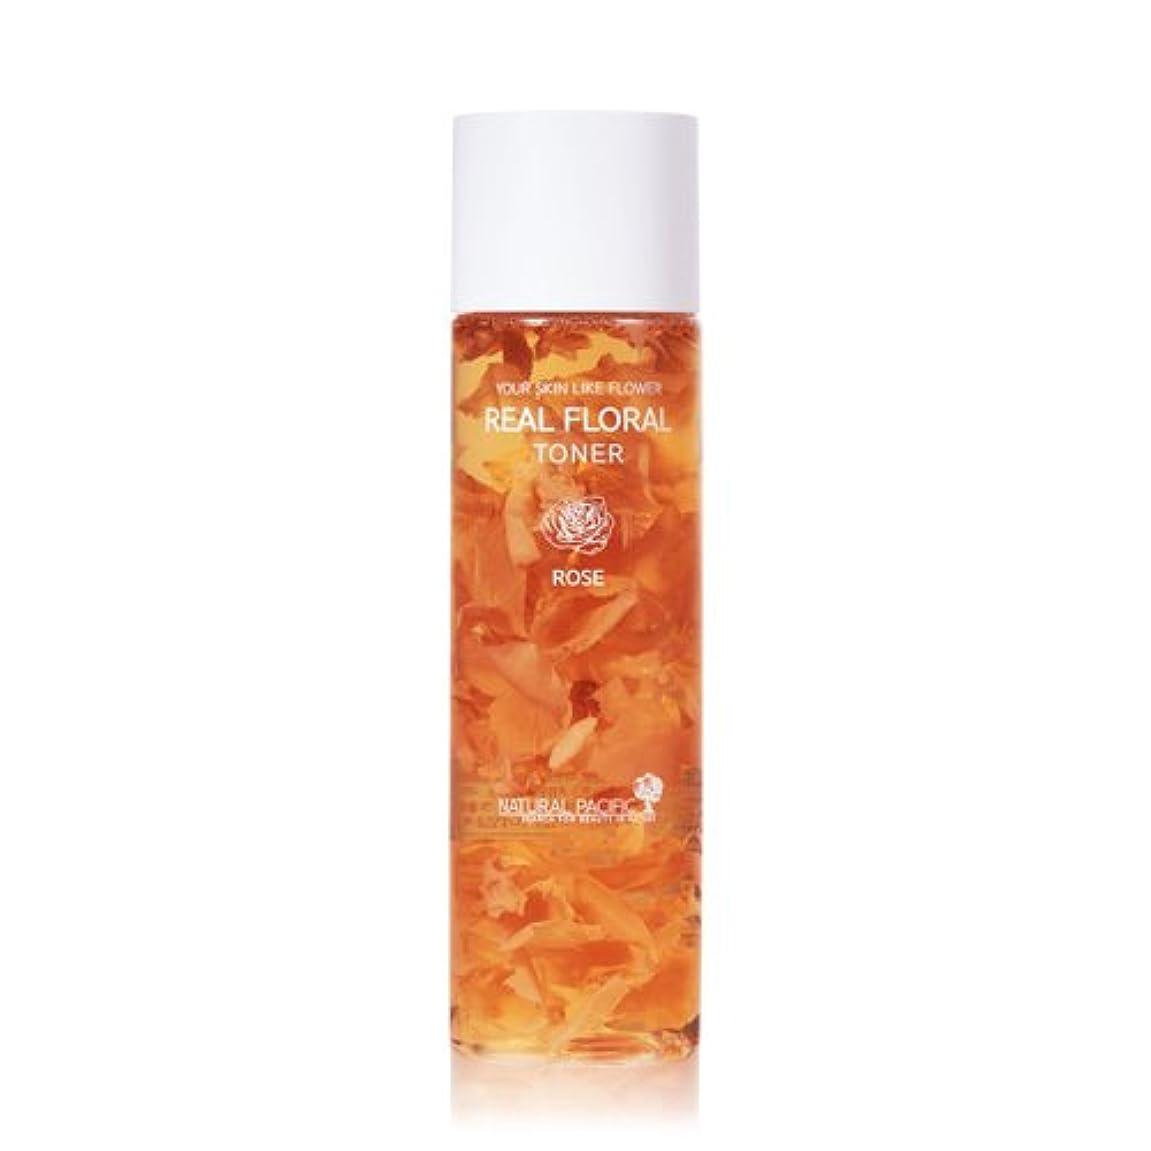 中傷子豚ライセンスNATURAL PACIFIC Real Rose Floral Toner 180ml/ナチュラルパシフィック リアル ローズ フローラル トナー 180ml [並行輸入品]